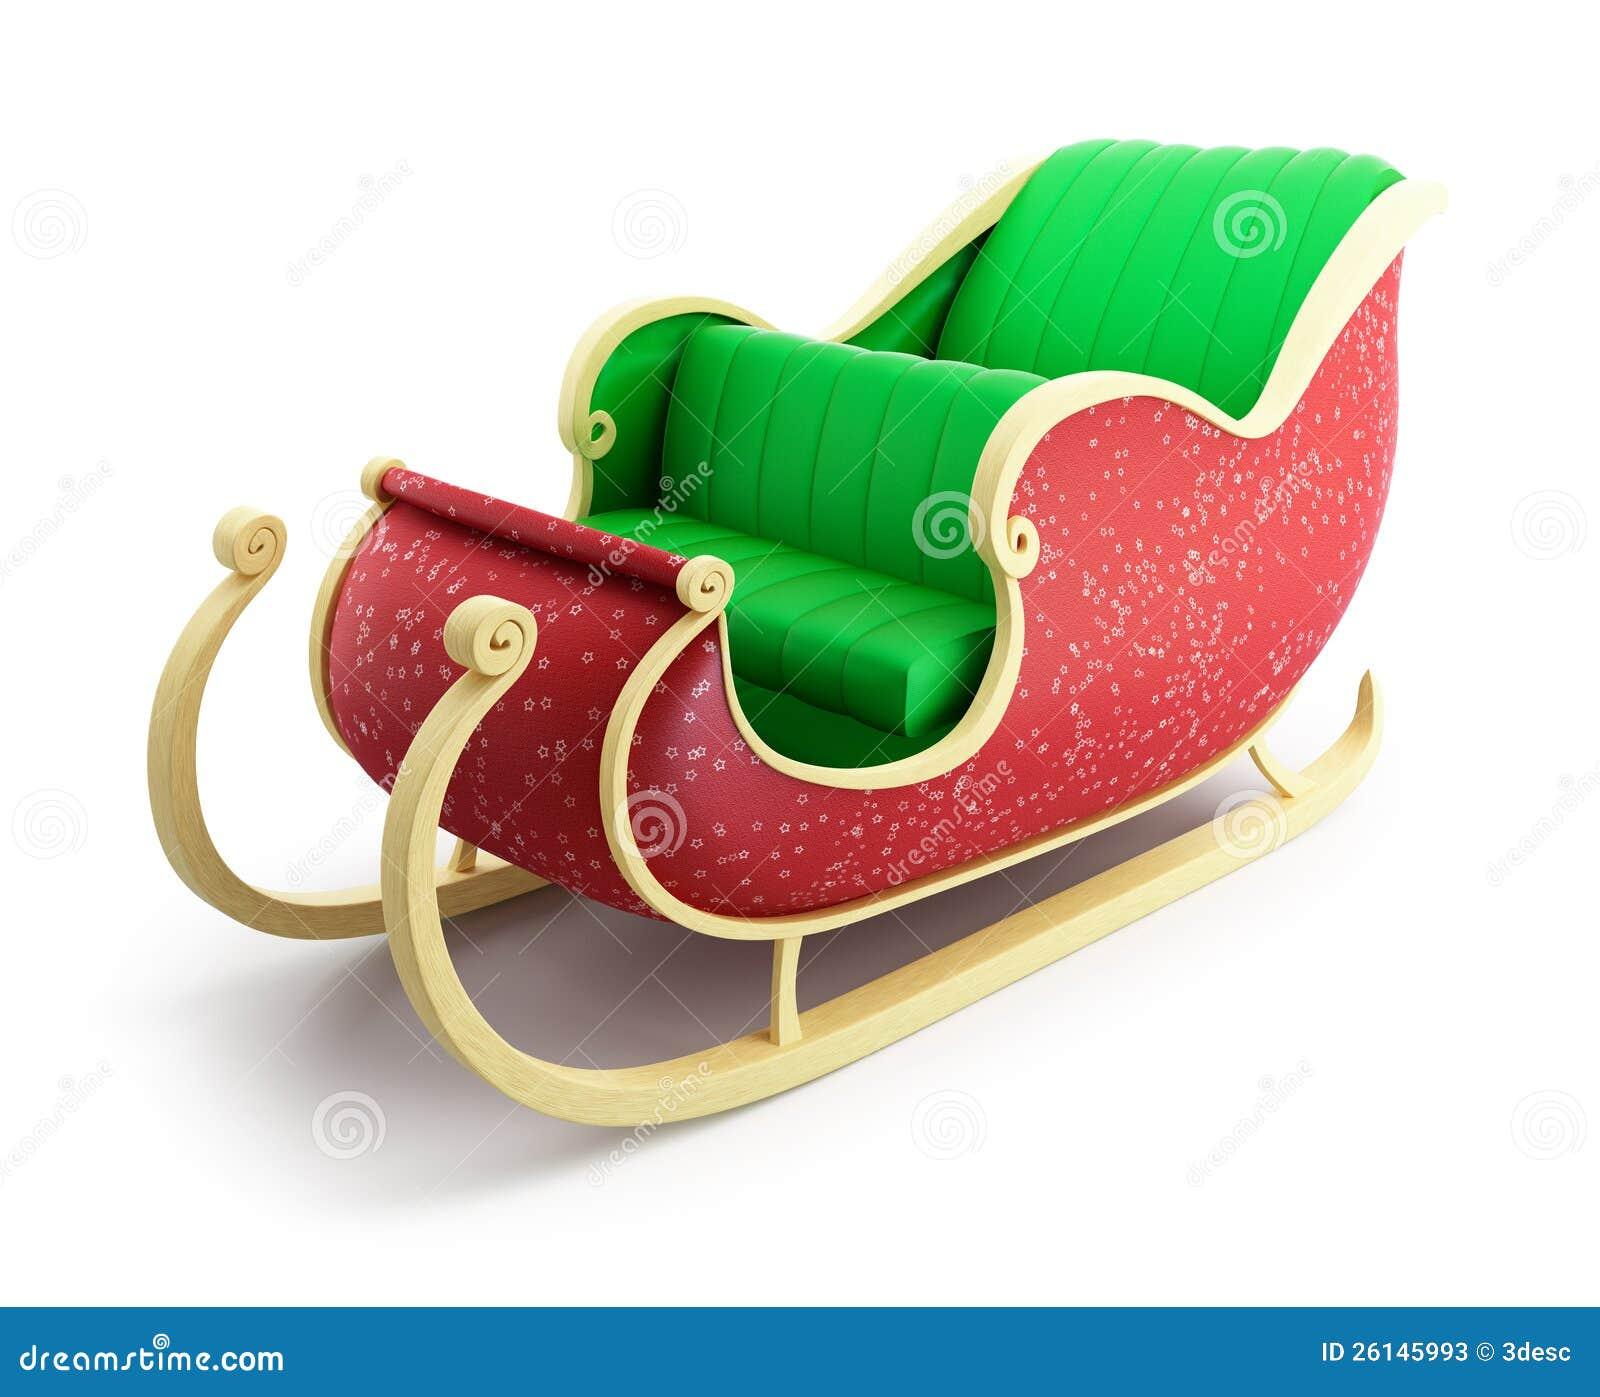 Santa sleigh stock photos image 26145993